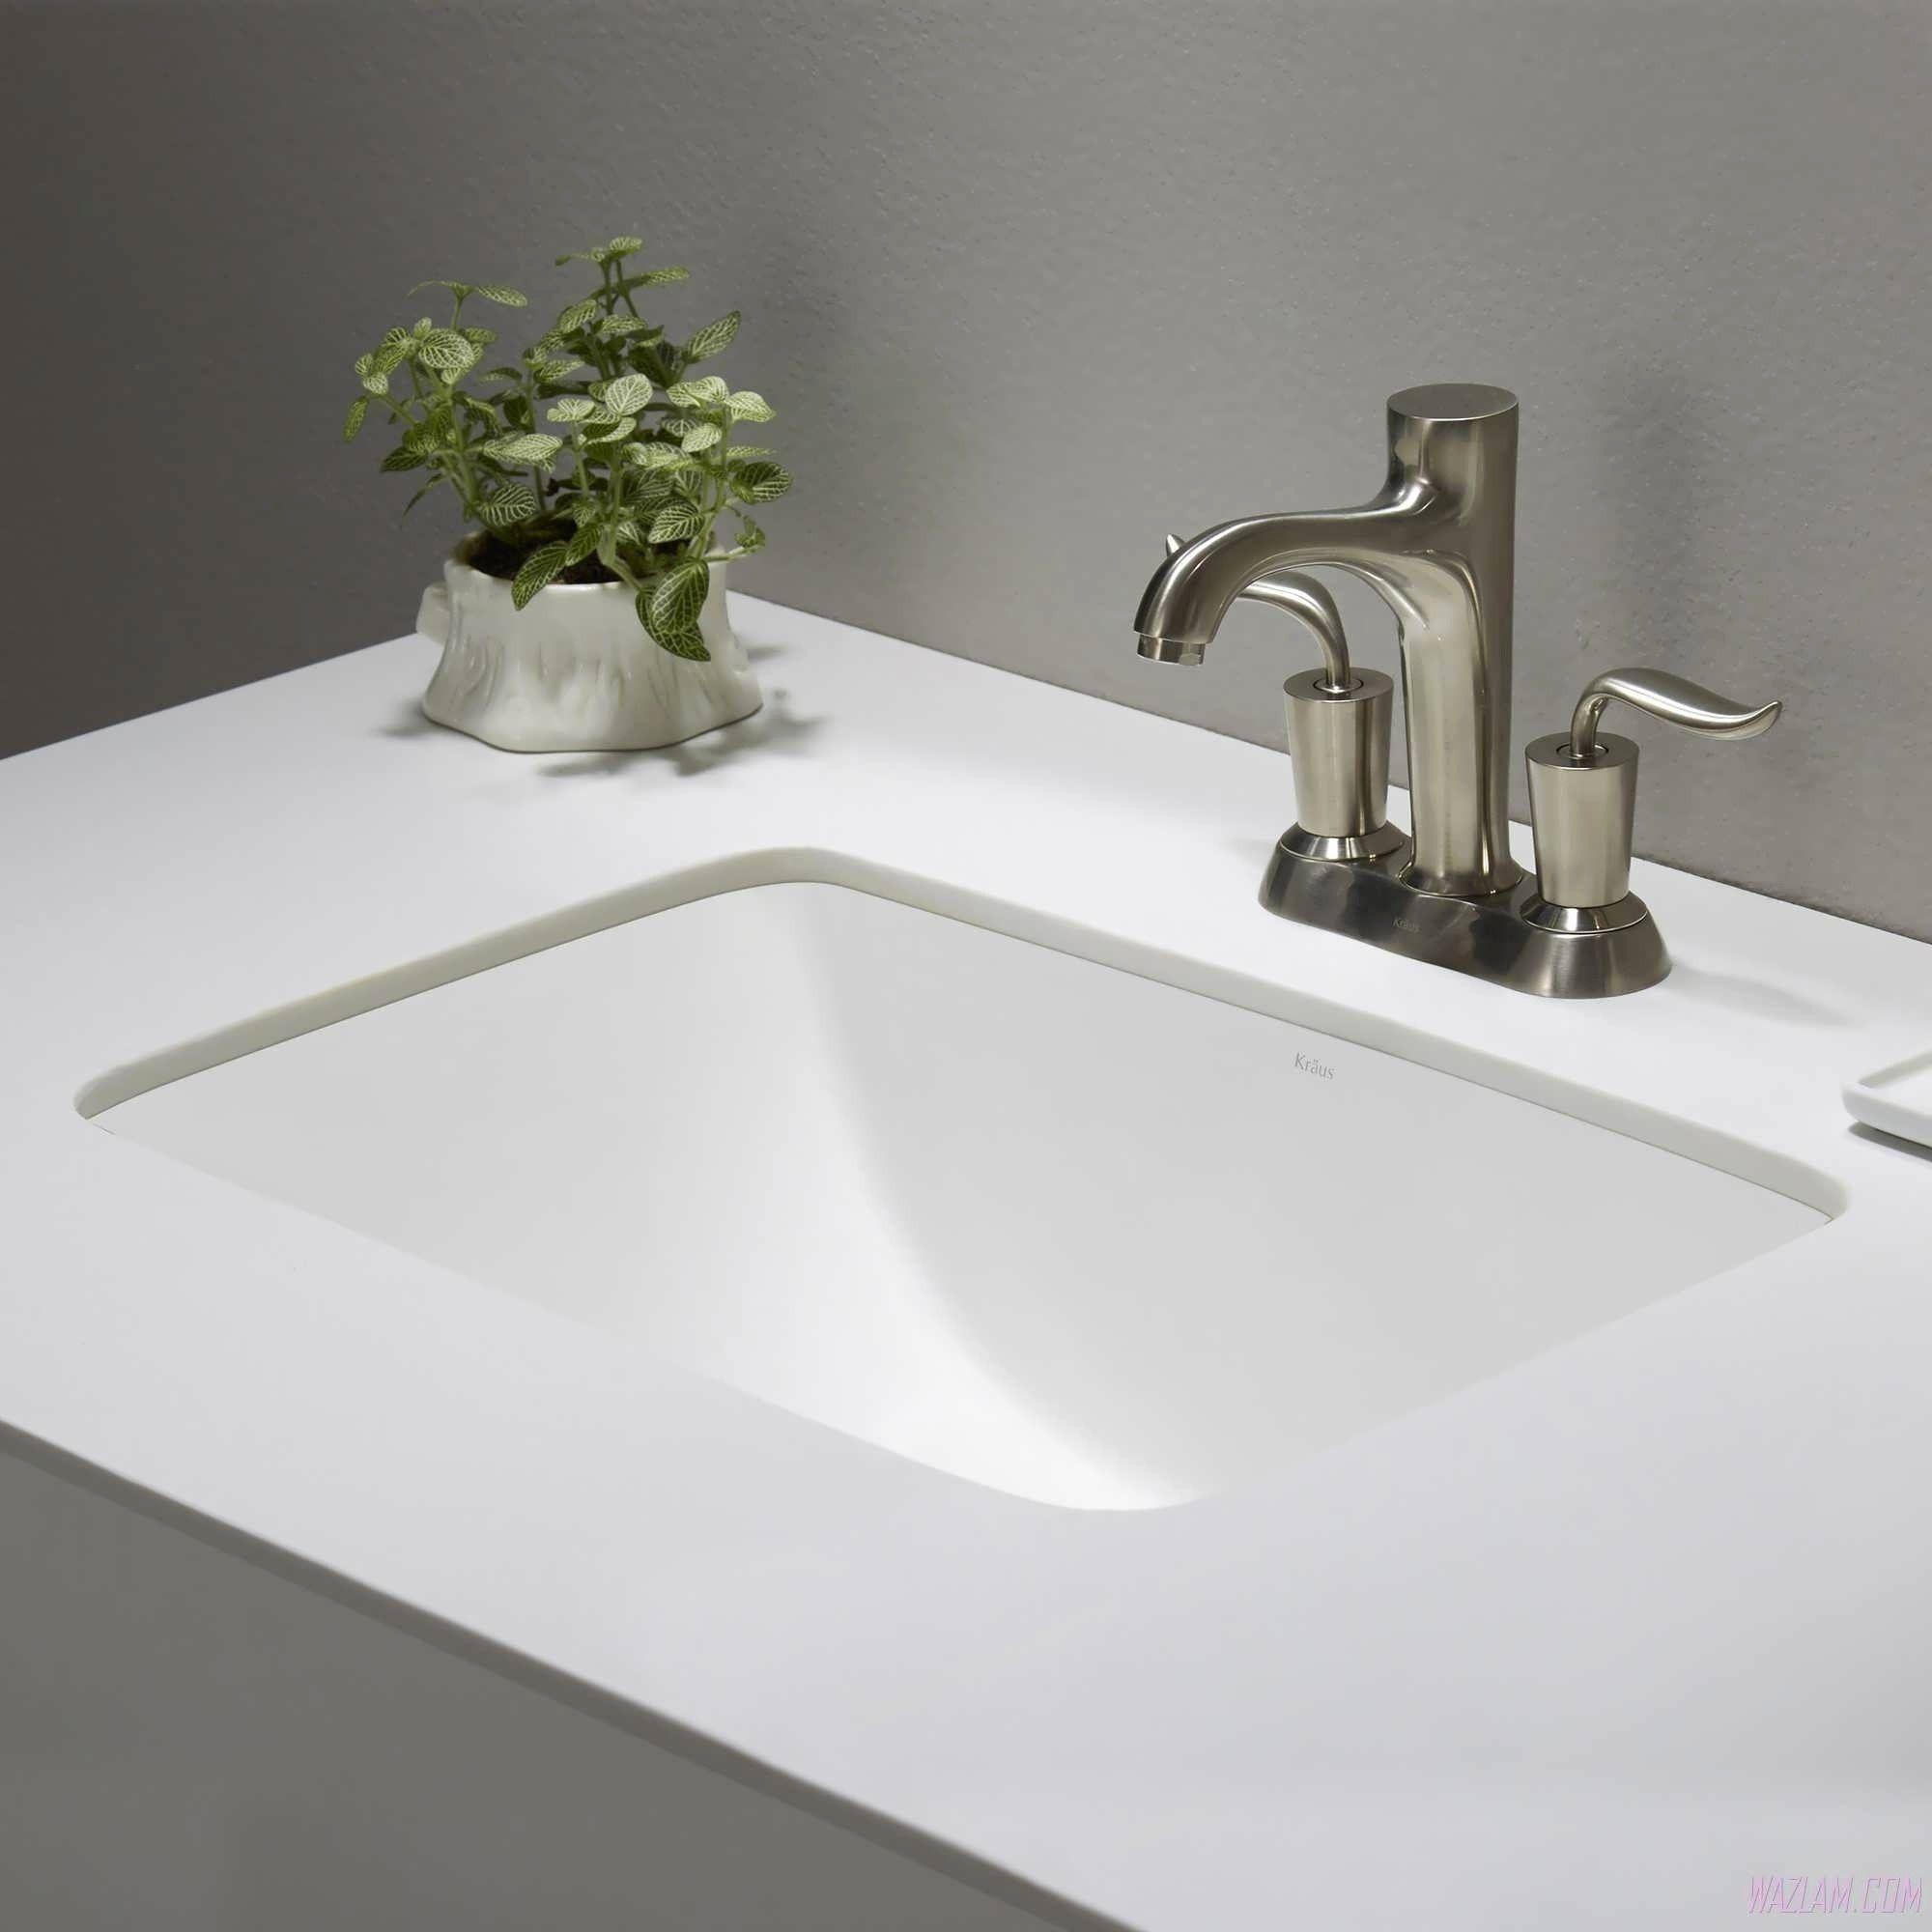 Awesome 15 X 12 Undermount Bathroom Sink 14 16